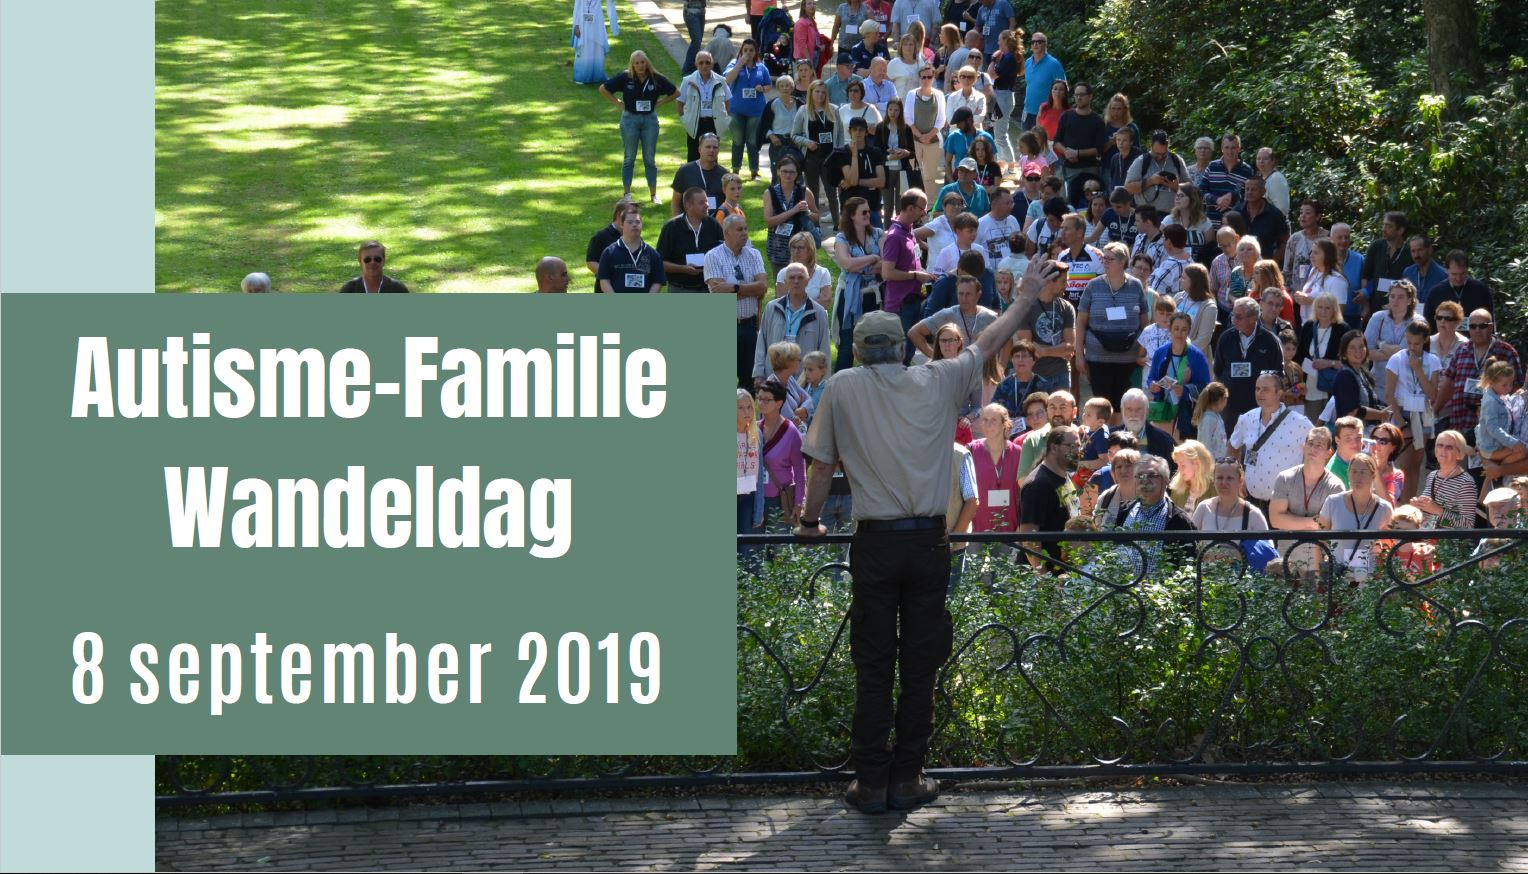 Autisme-familie-wandeldag zondag 8 september 2019